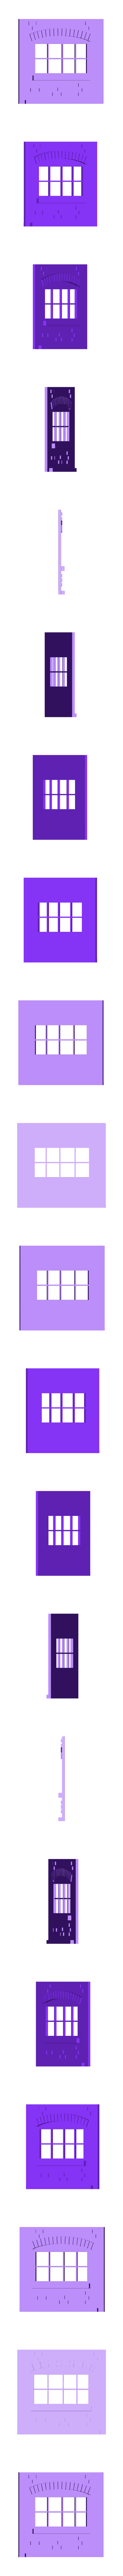 wall2.stl Télécharger fichier STL gratuit Ripper's London - The (Modular) Factory • Modèle pour imprimante 3D, Earsling